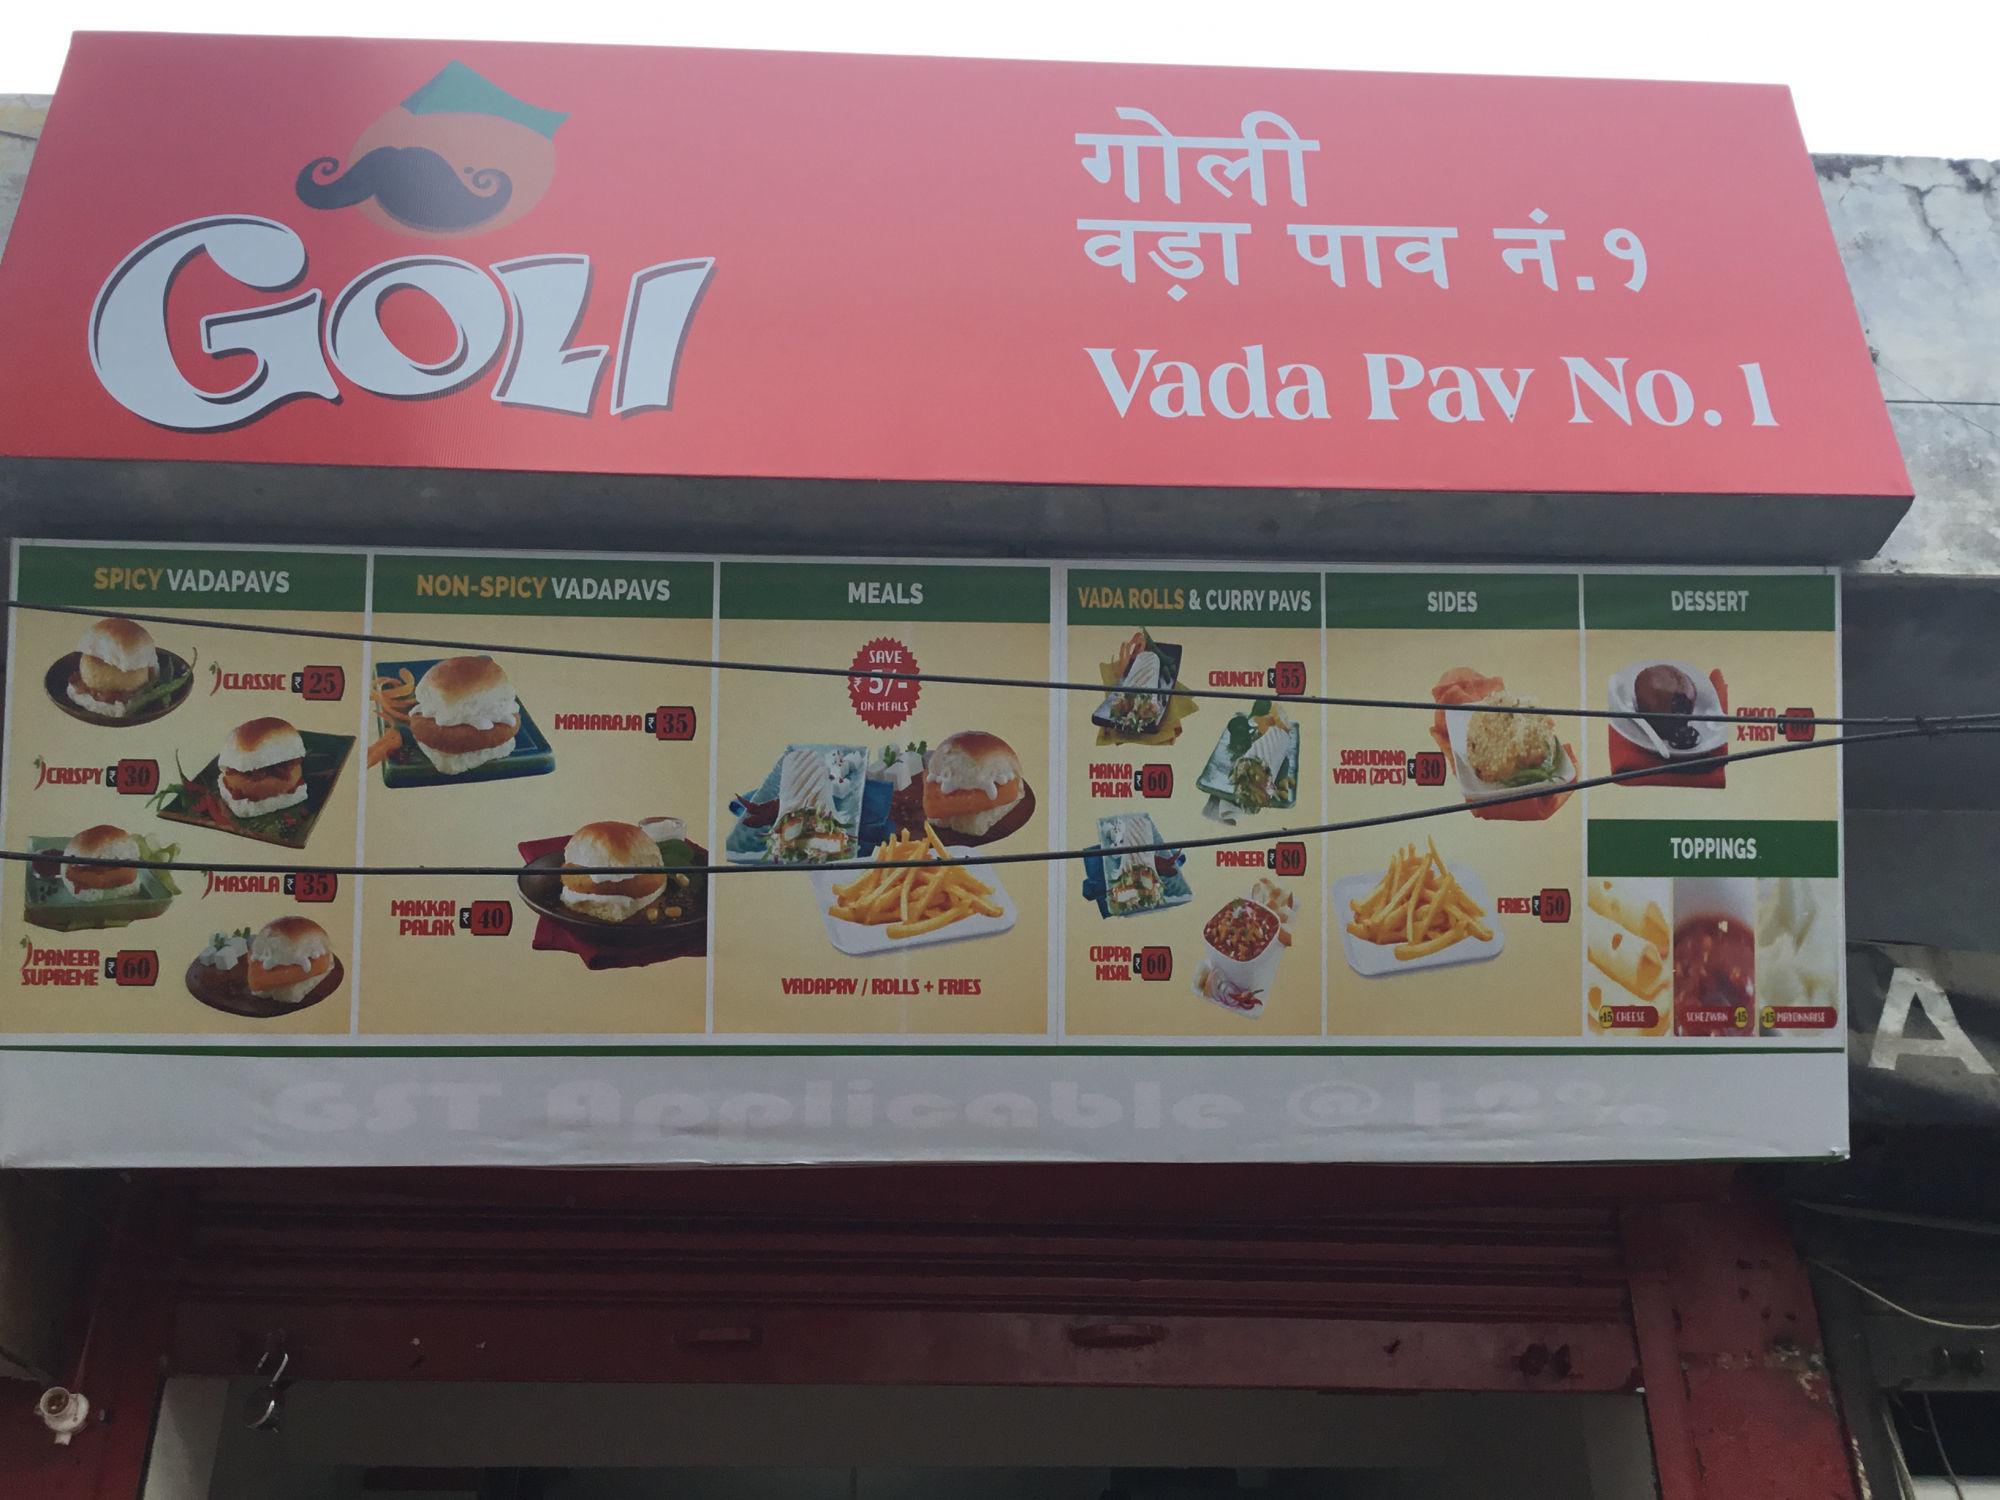 Goli Vada Pao - Aashiana - Lucknow Image